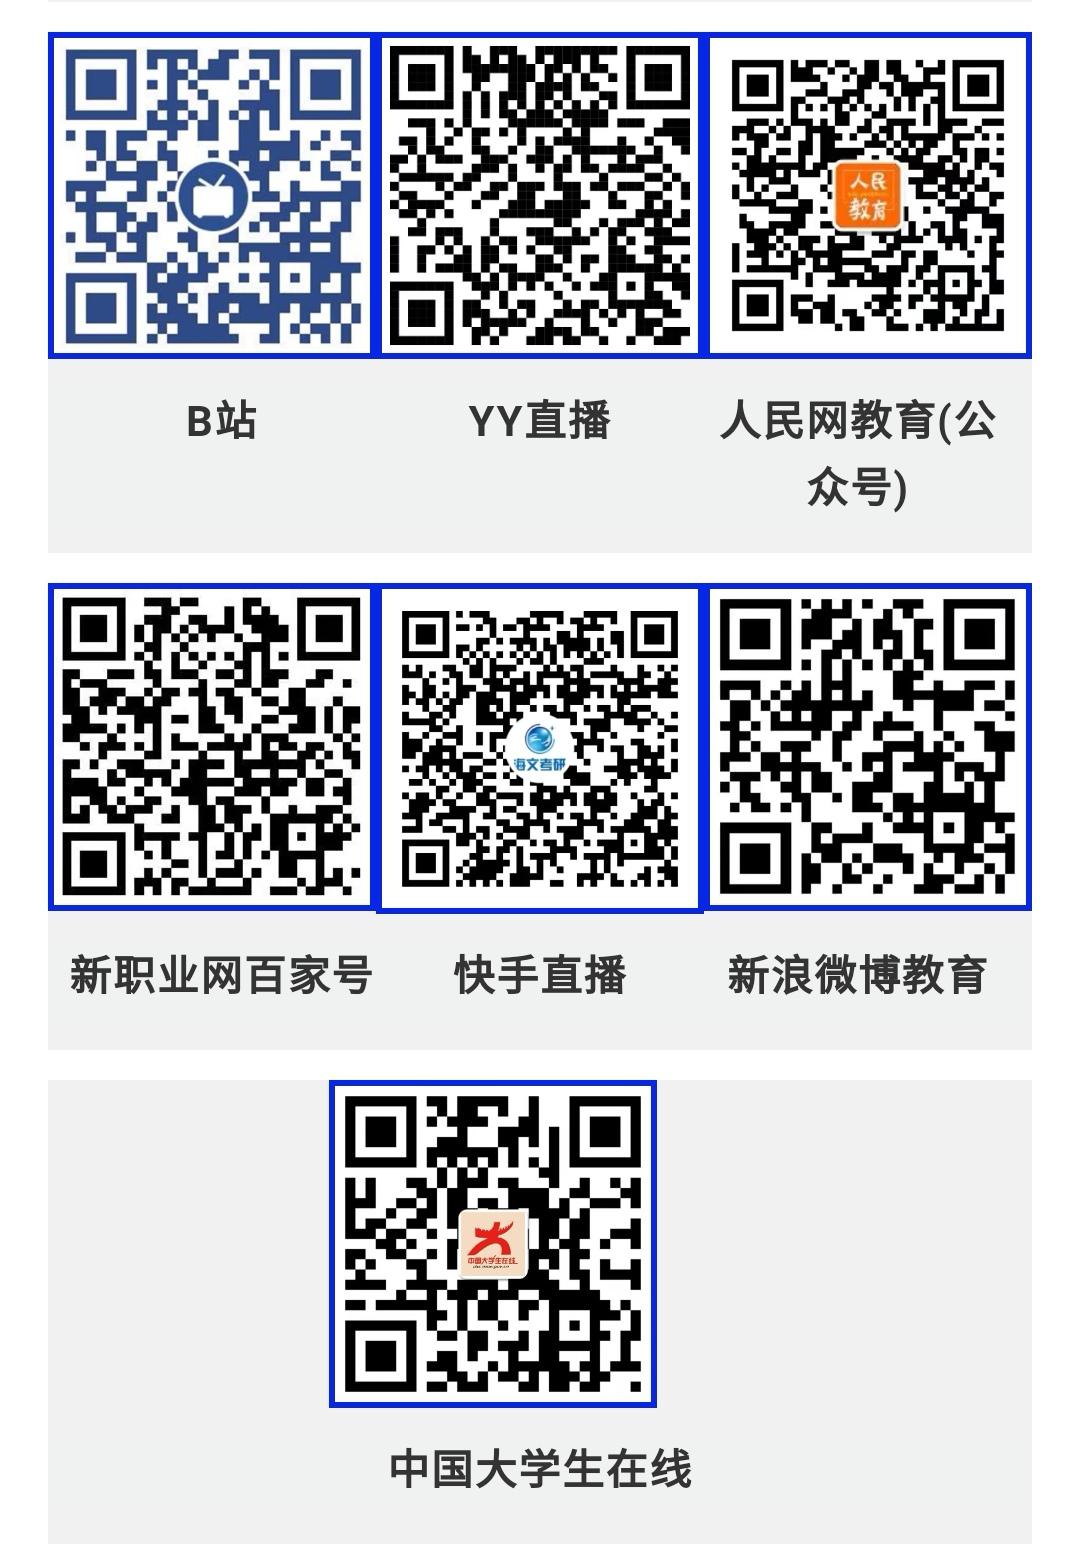 Screenshot_20210603_231101_com.tencent.mm_edit_49.jpg